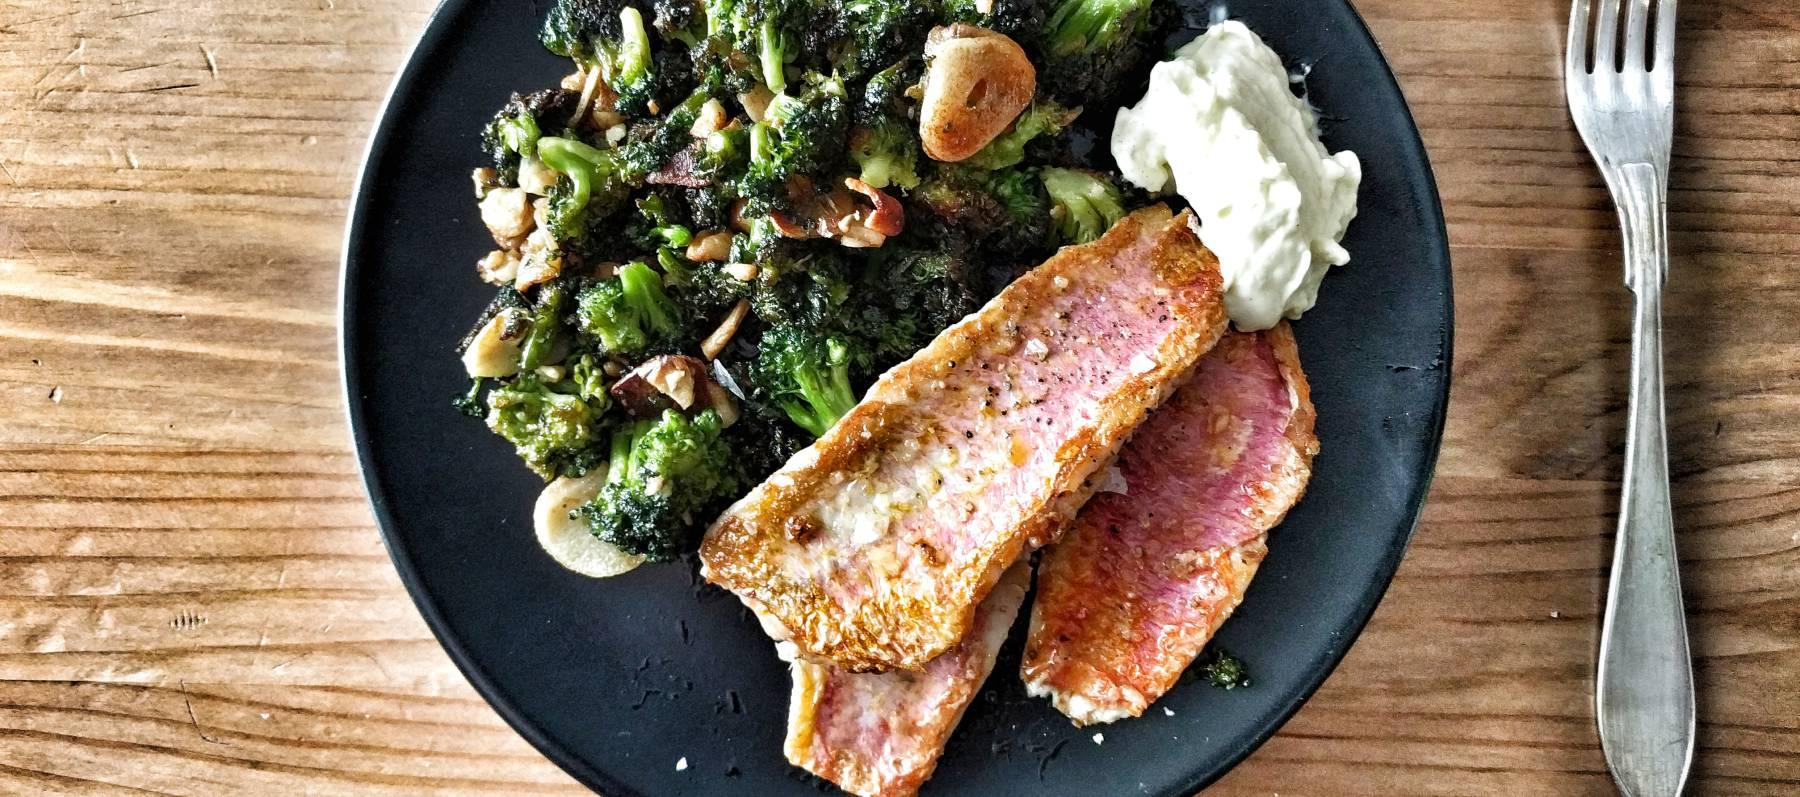 10 platos de primavera con cuatro ingredientes | Recetas El ...